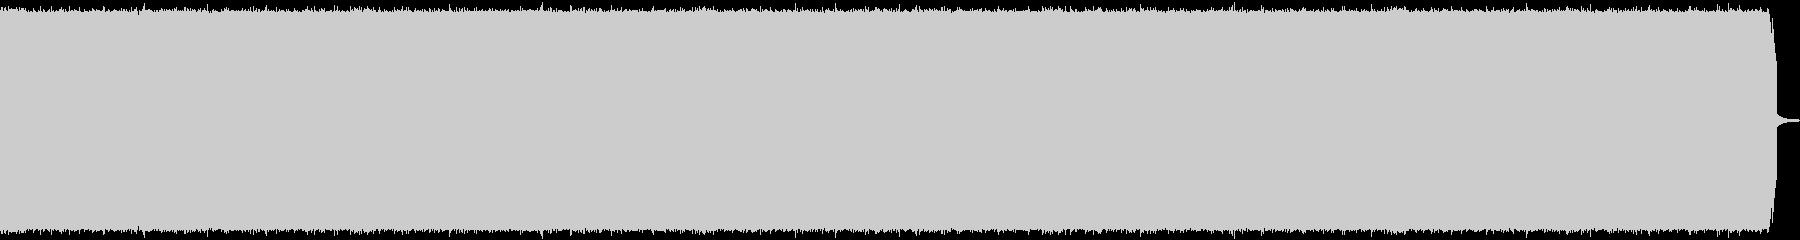 攻撃的なヘビーメタル戦闘曲 ロング版の未再生の波形